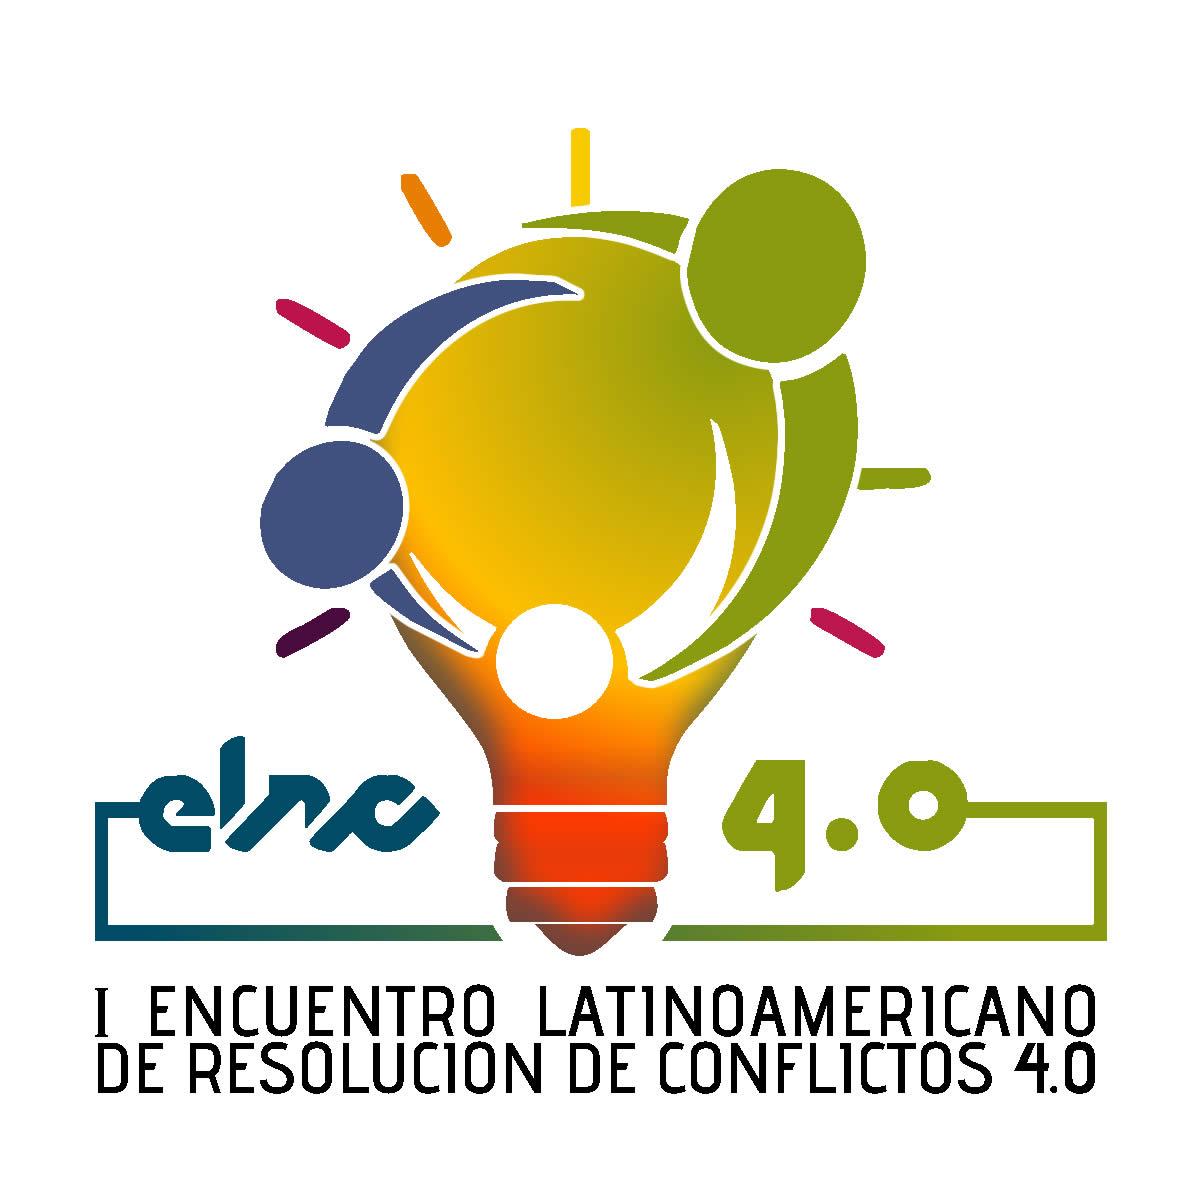 I Encuentro Latinoamericano de Resolución de Conflictos 4.0 Buenos Aires - Logo